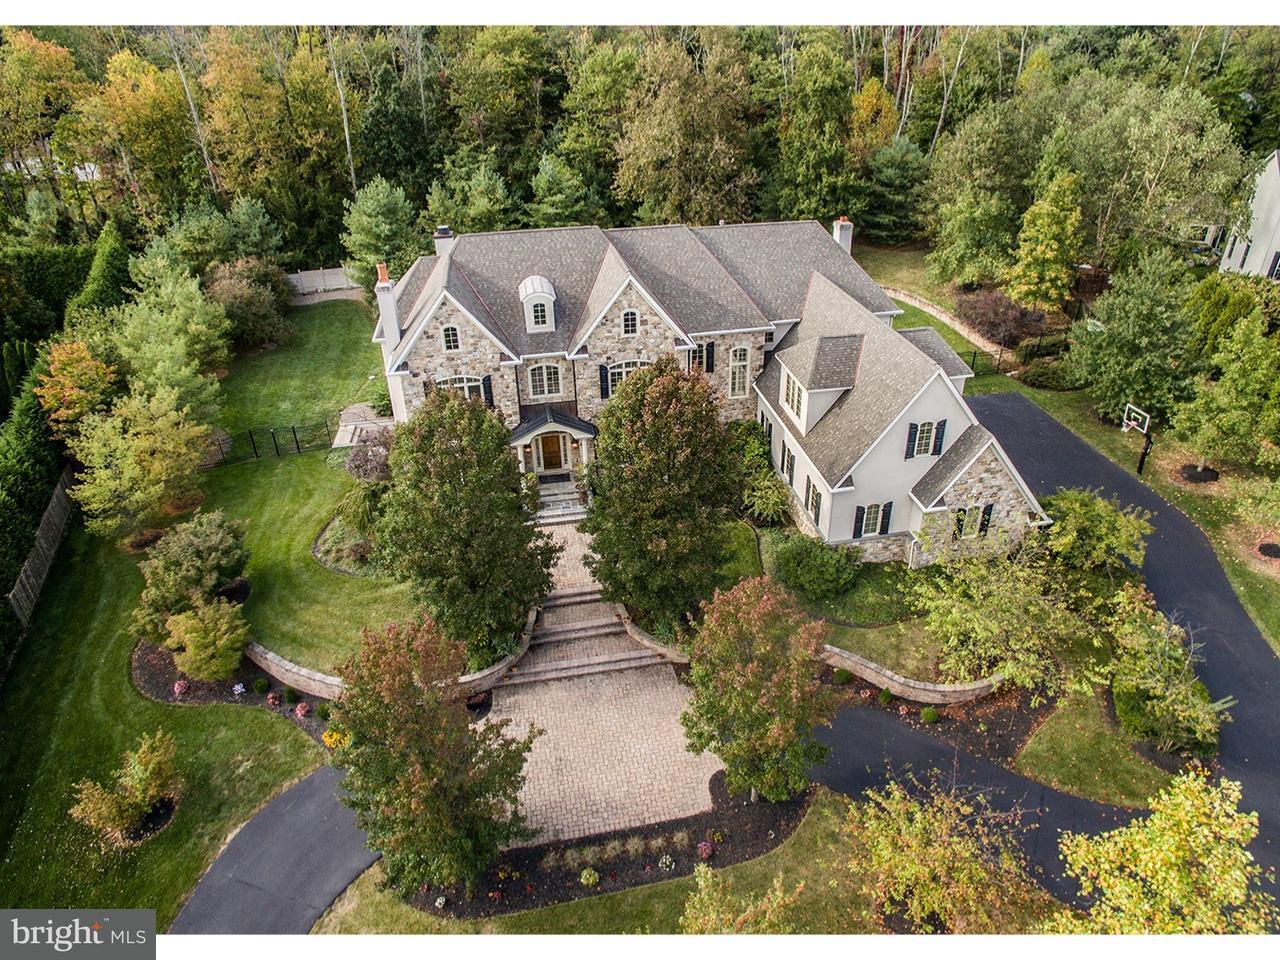 Частный односемейный дом для того Продажа на 861 S PENN OAK Road Lower Gwynedd, Пенсильвания 19002 Соединенные Штаты